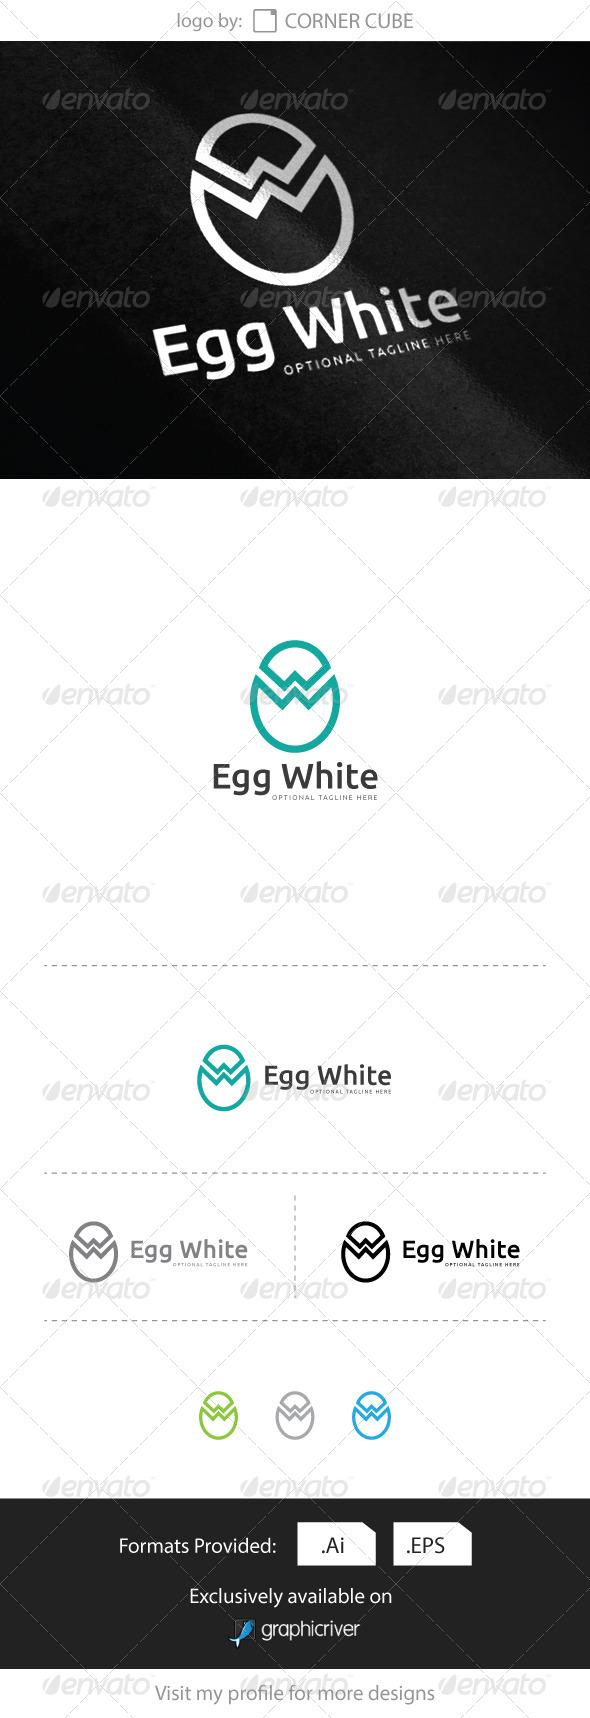 Egg White logo